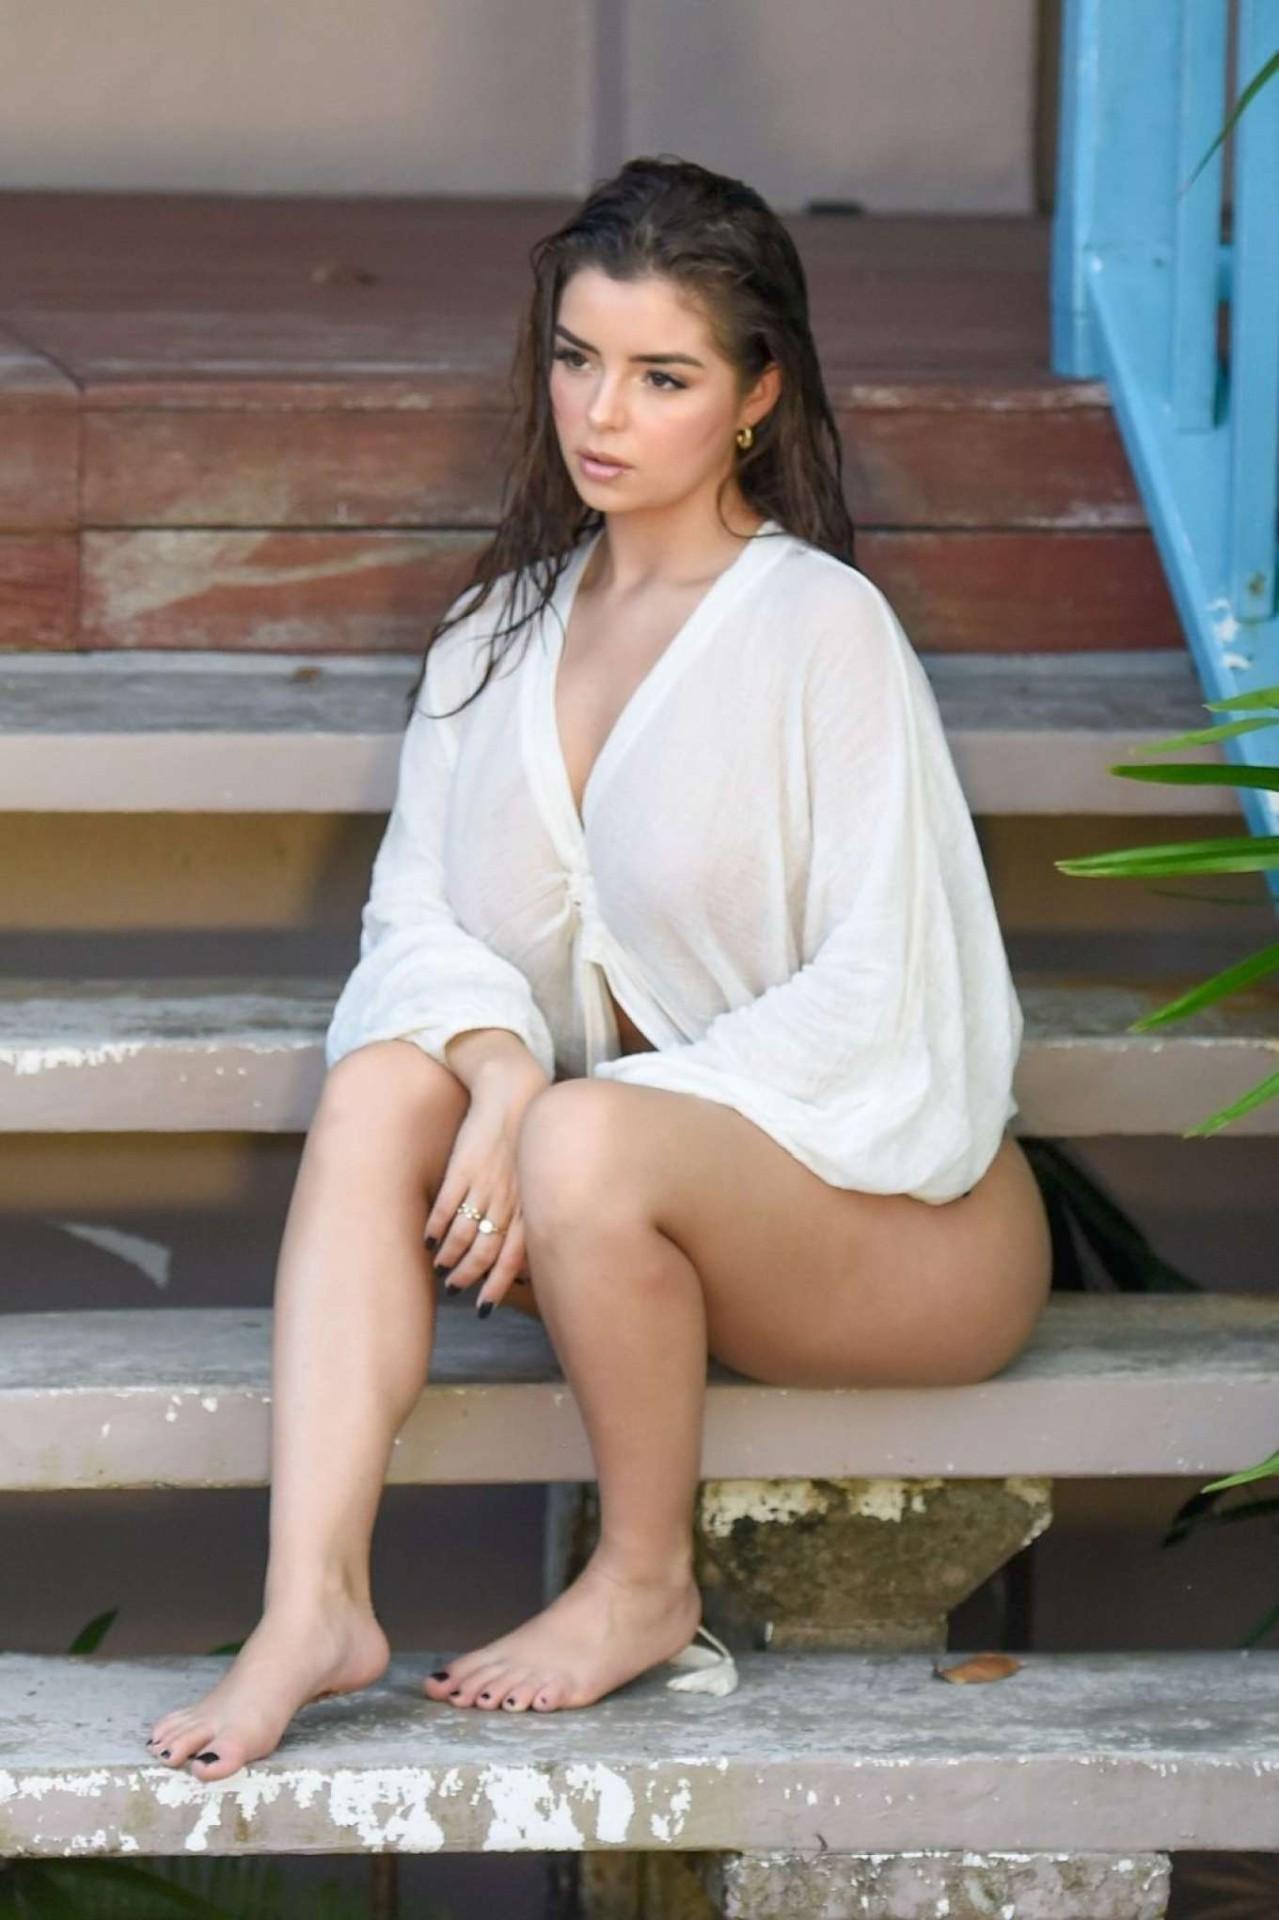 Demi Rose Mawby Sexy Photoshoot